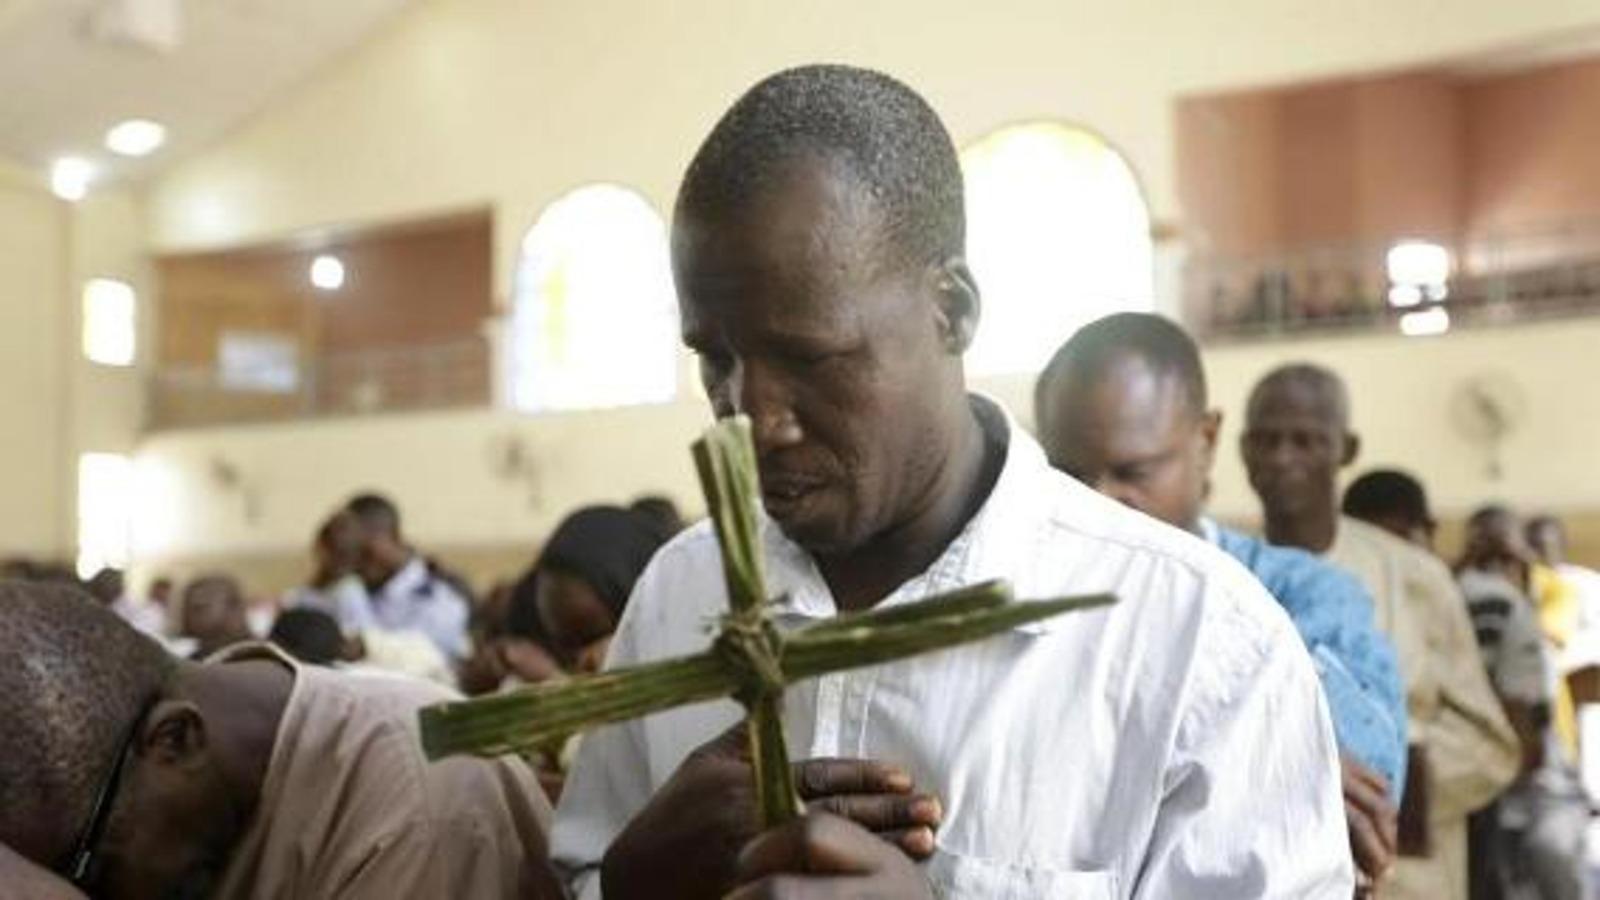 Cristiani perseguitati nel mondo, i numeri dello strazio